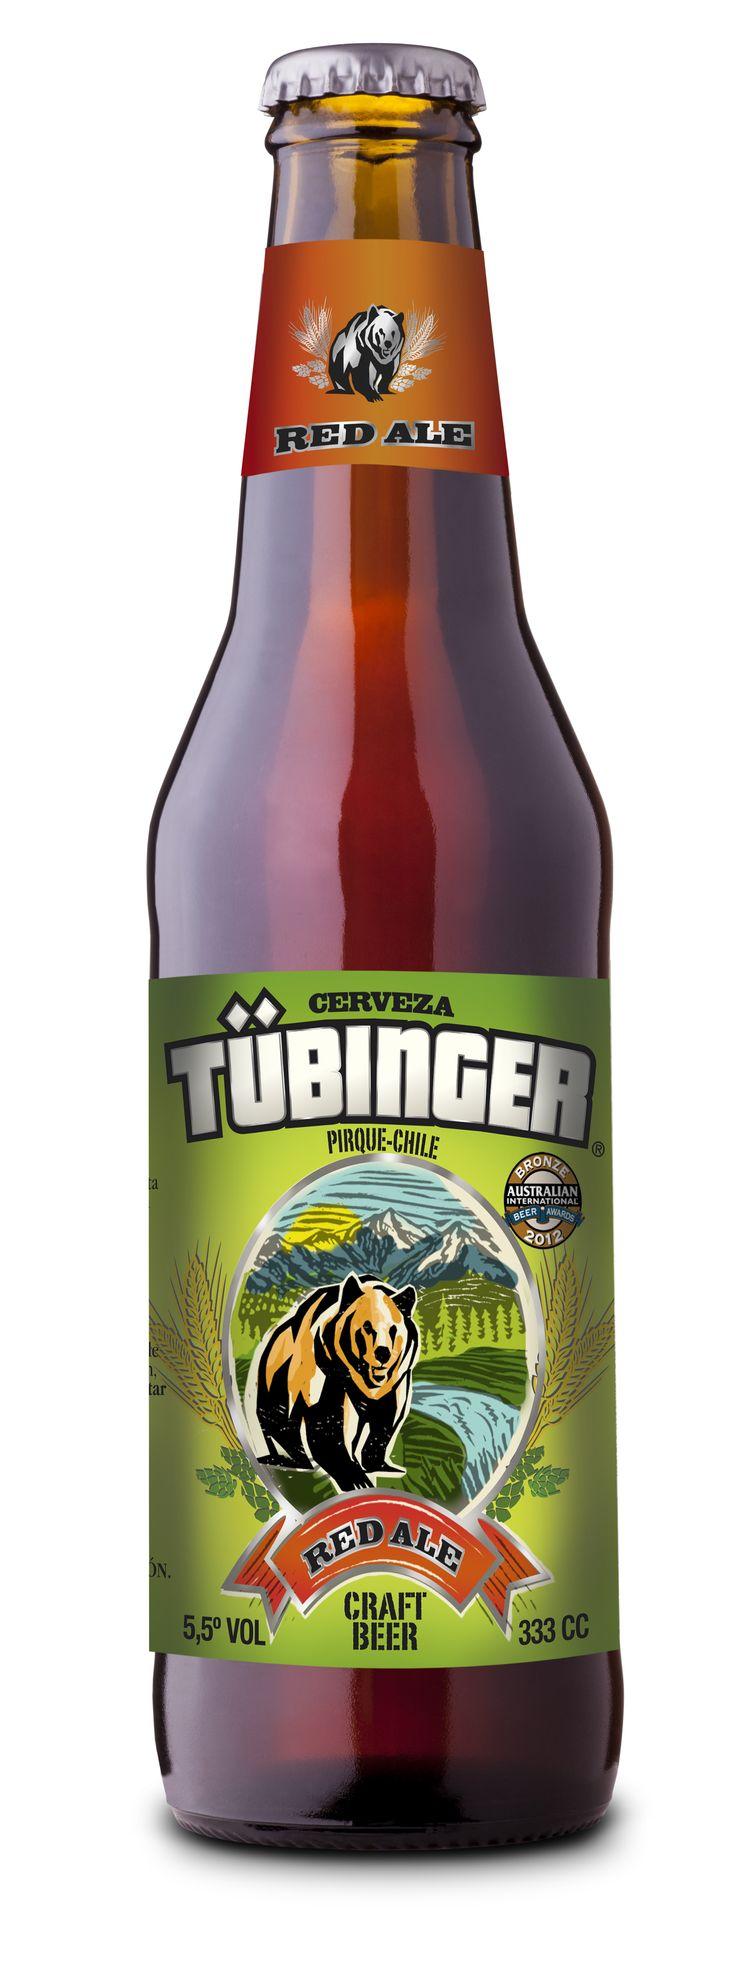 Tübinger Red Ale #craft #beer #craftbeer #cerveza #artesanal #Tubinger #RedAle